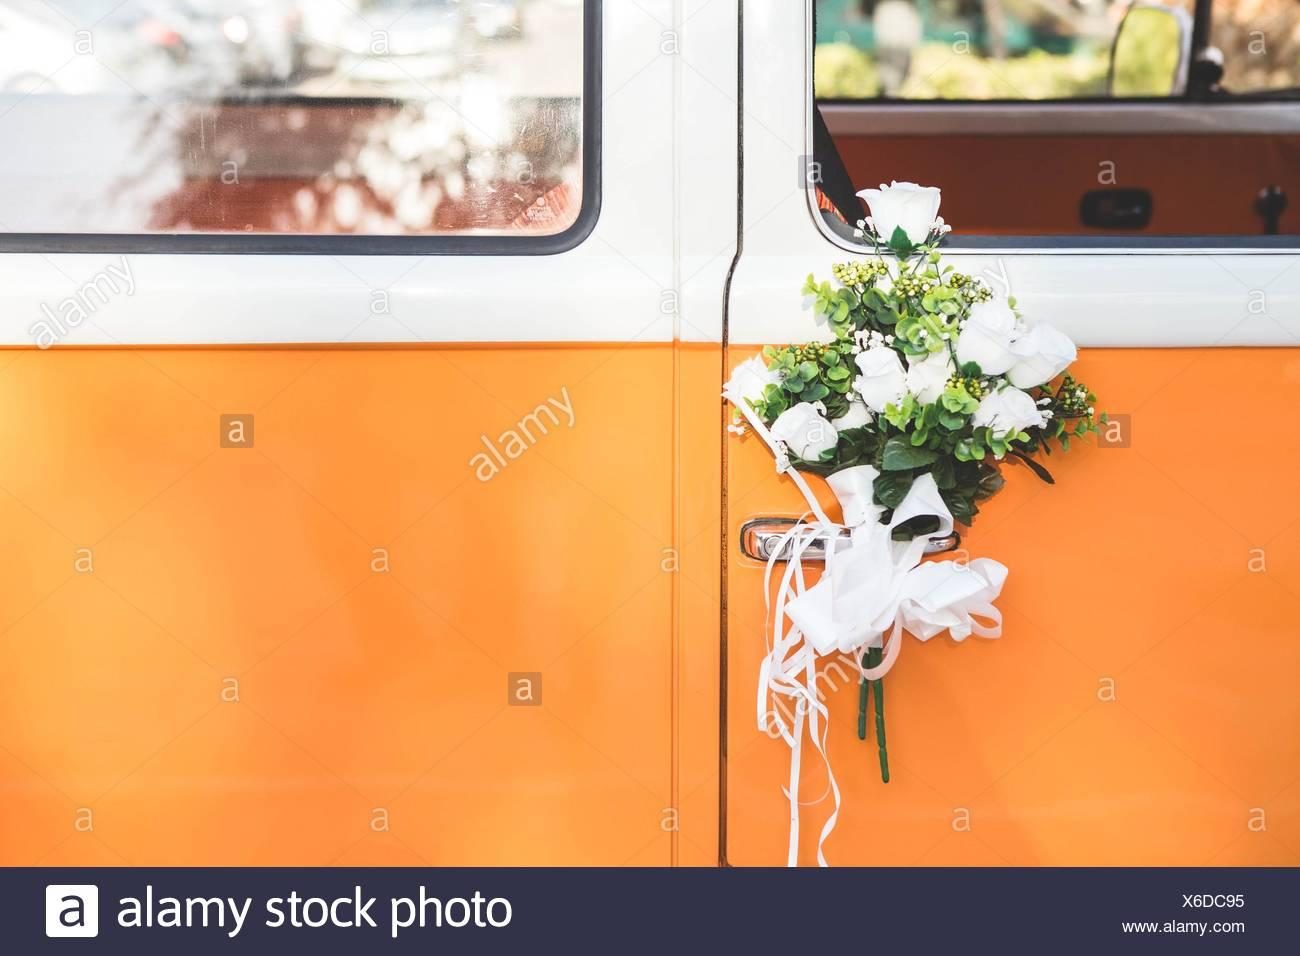 Orange Van Mit Hochzeit Blumen Stockfoto Bild 279348865 Alamy